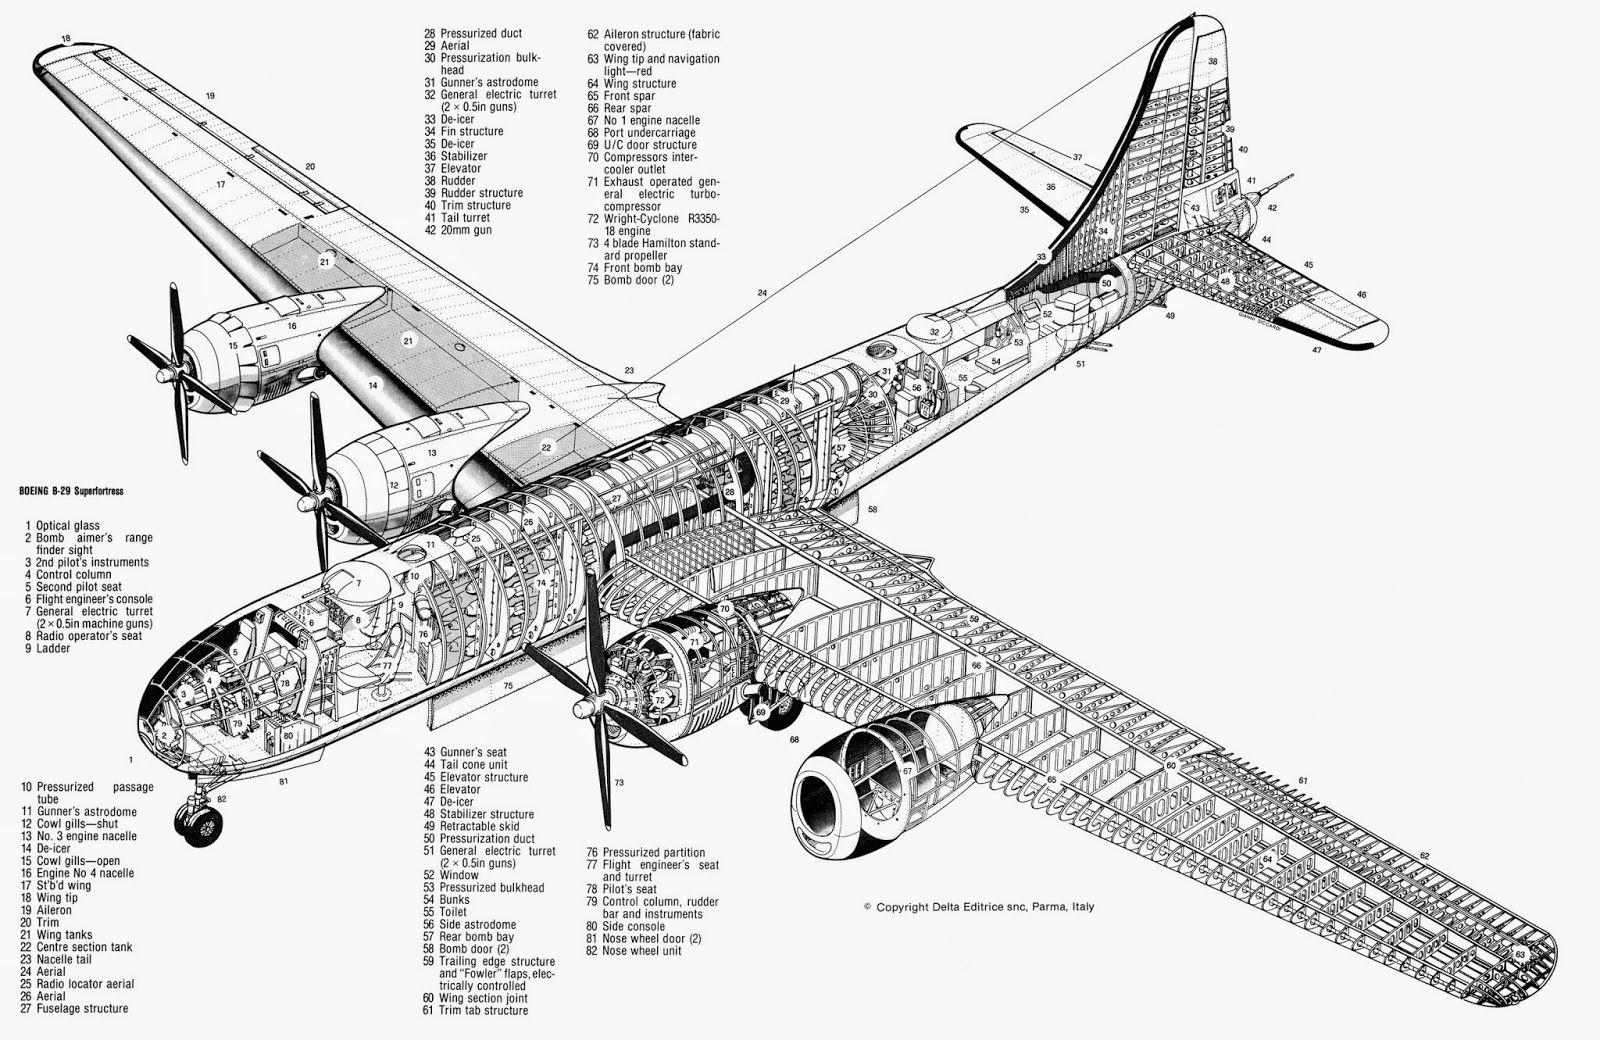 Boeing B29 Superfortress cutaway Aerospace cutaways and